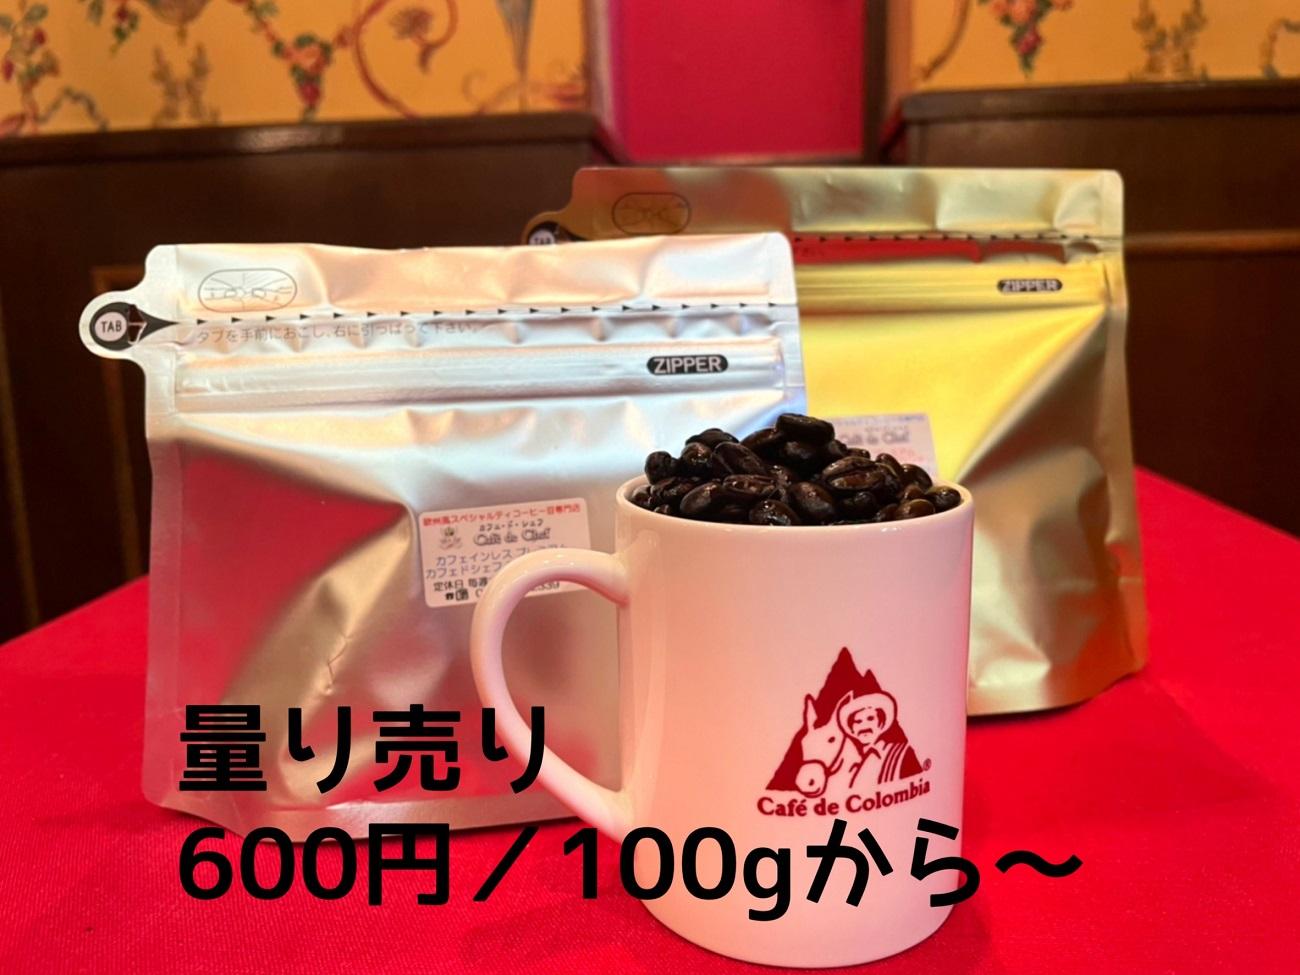 600円/100g~